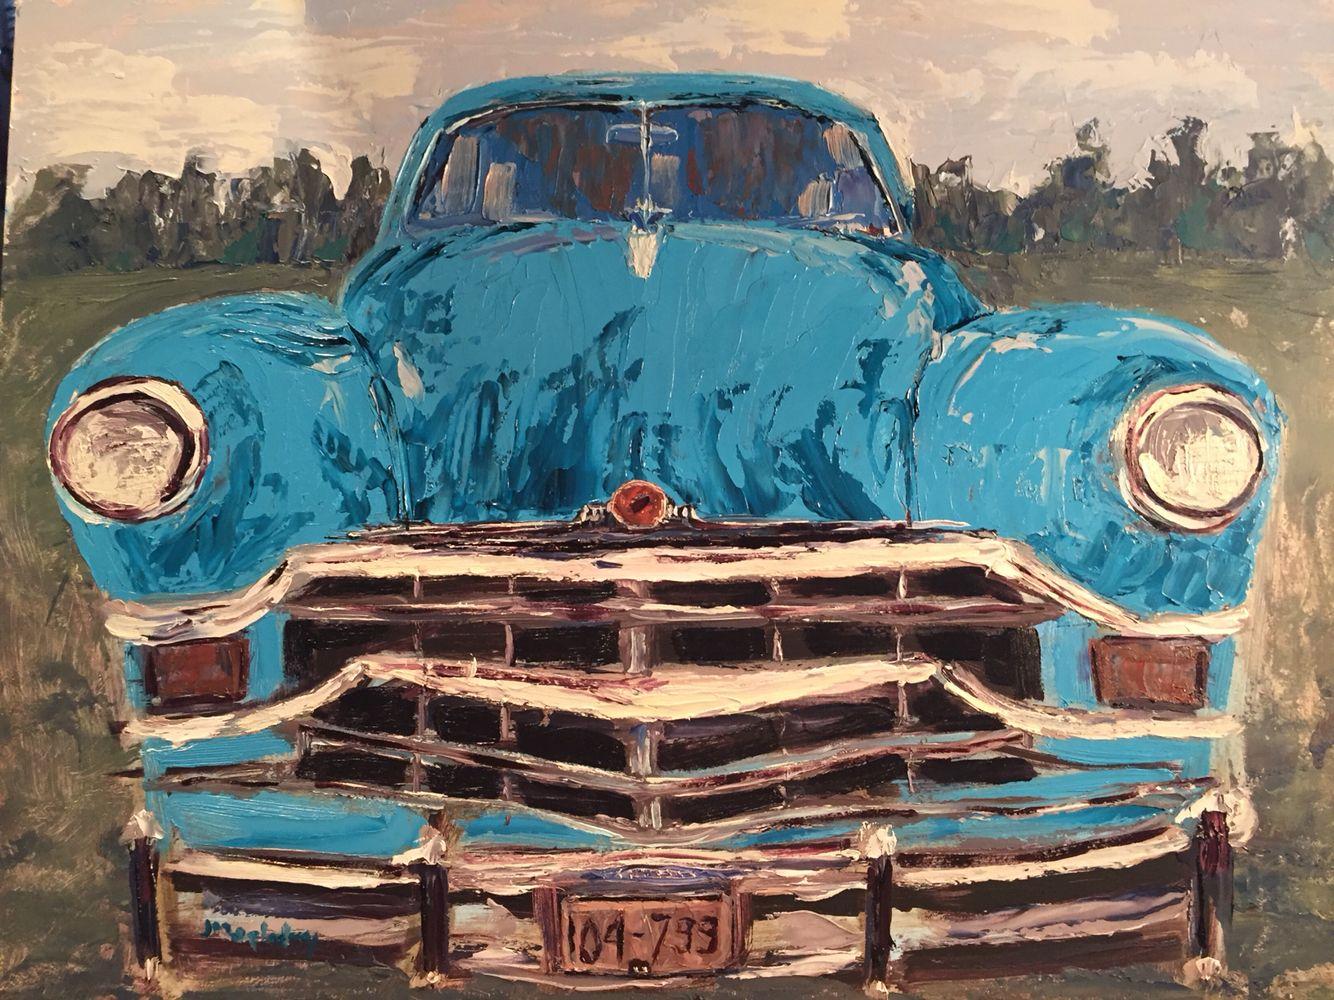 49Chrysler oil painting